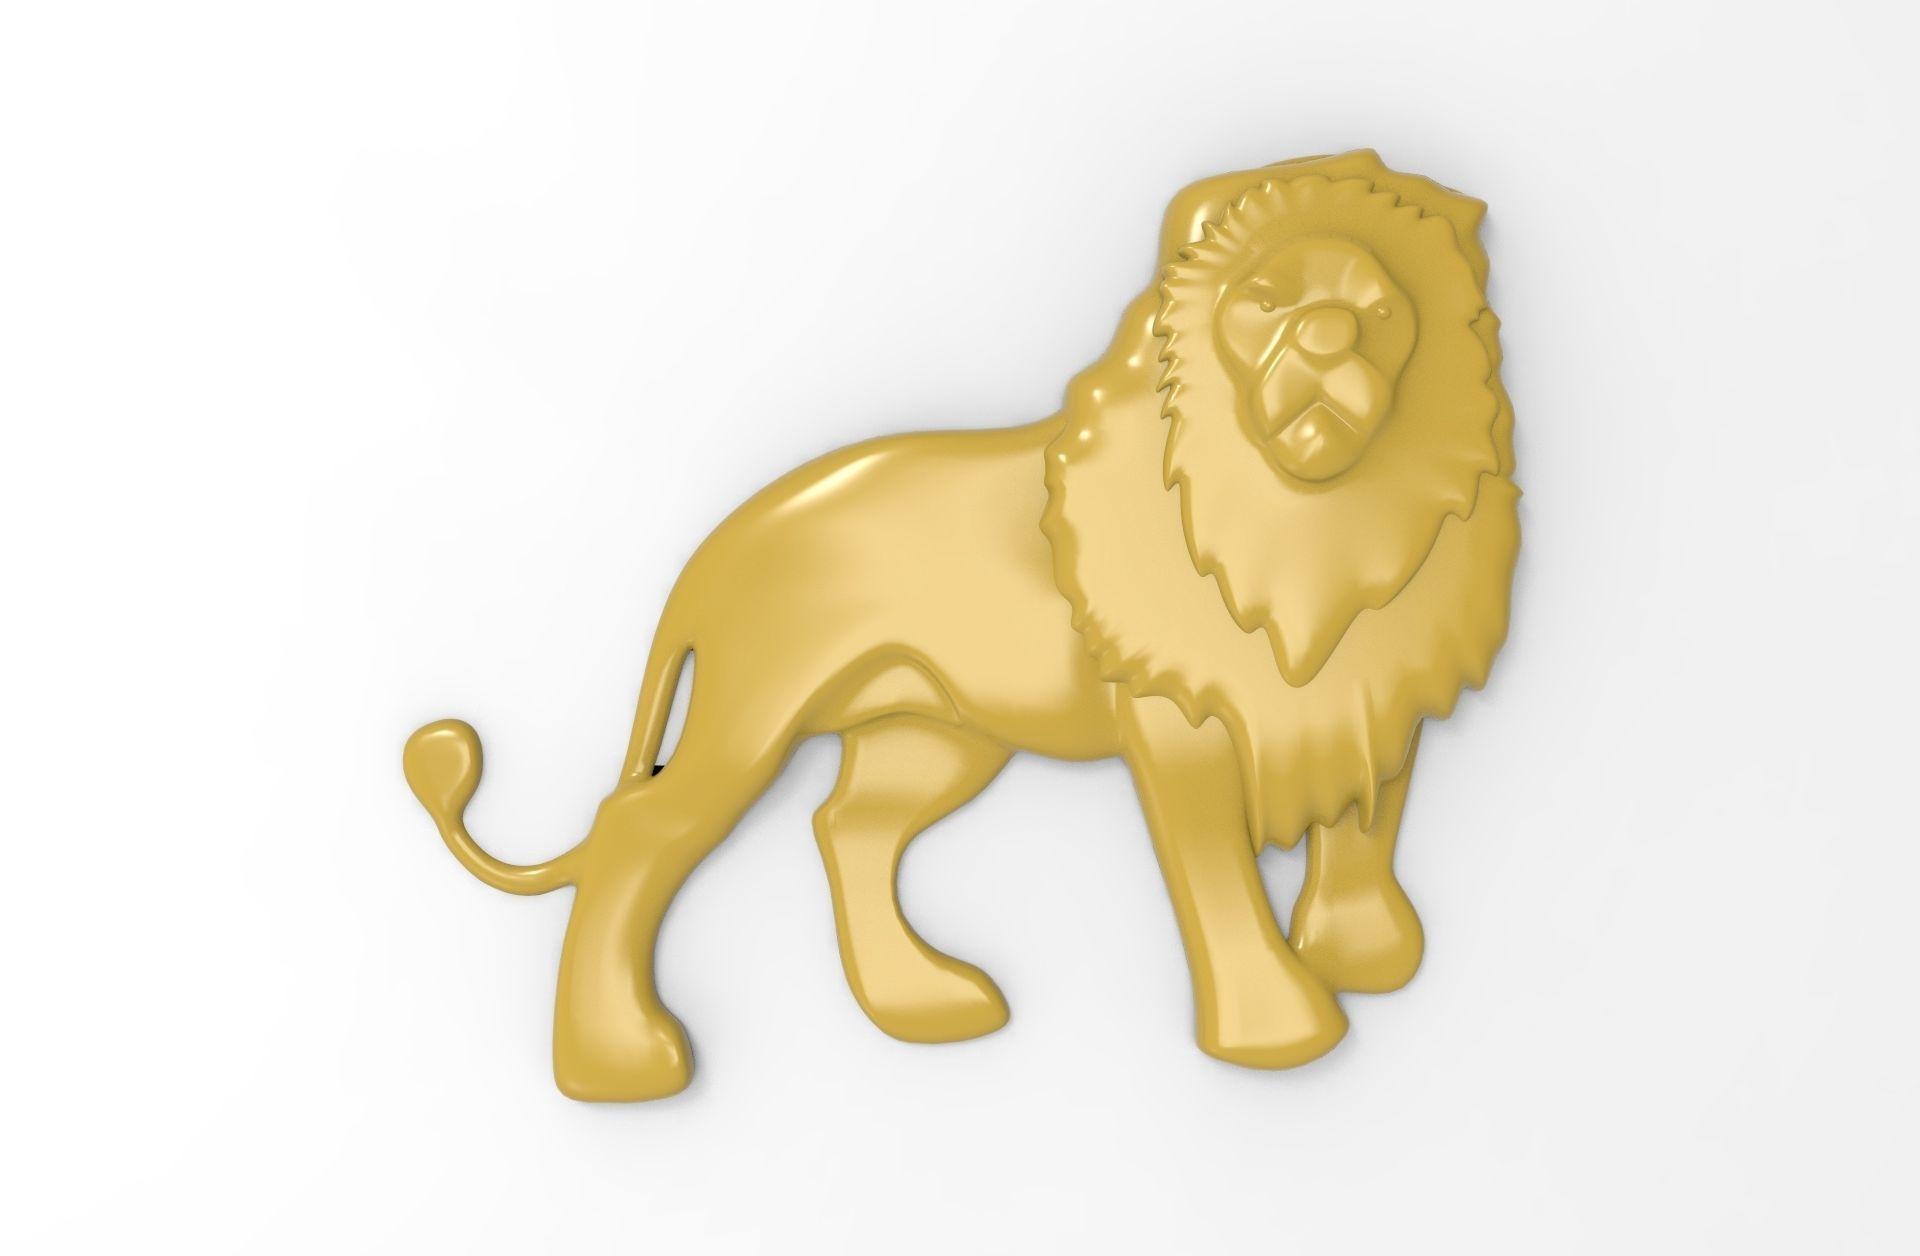 photo regarding Lion Printable identify Printable Lion Aid 3D Print Style